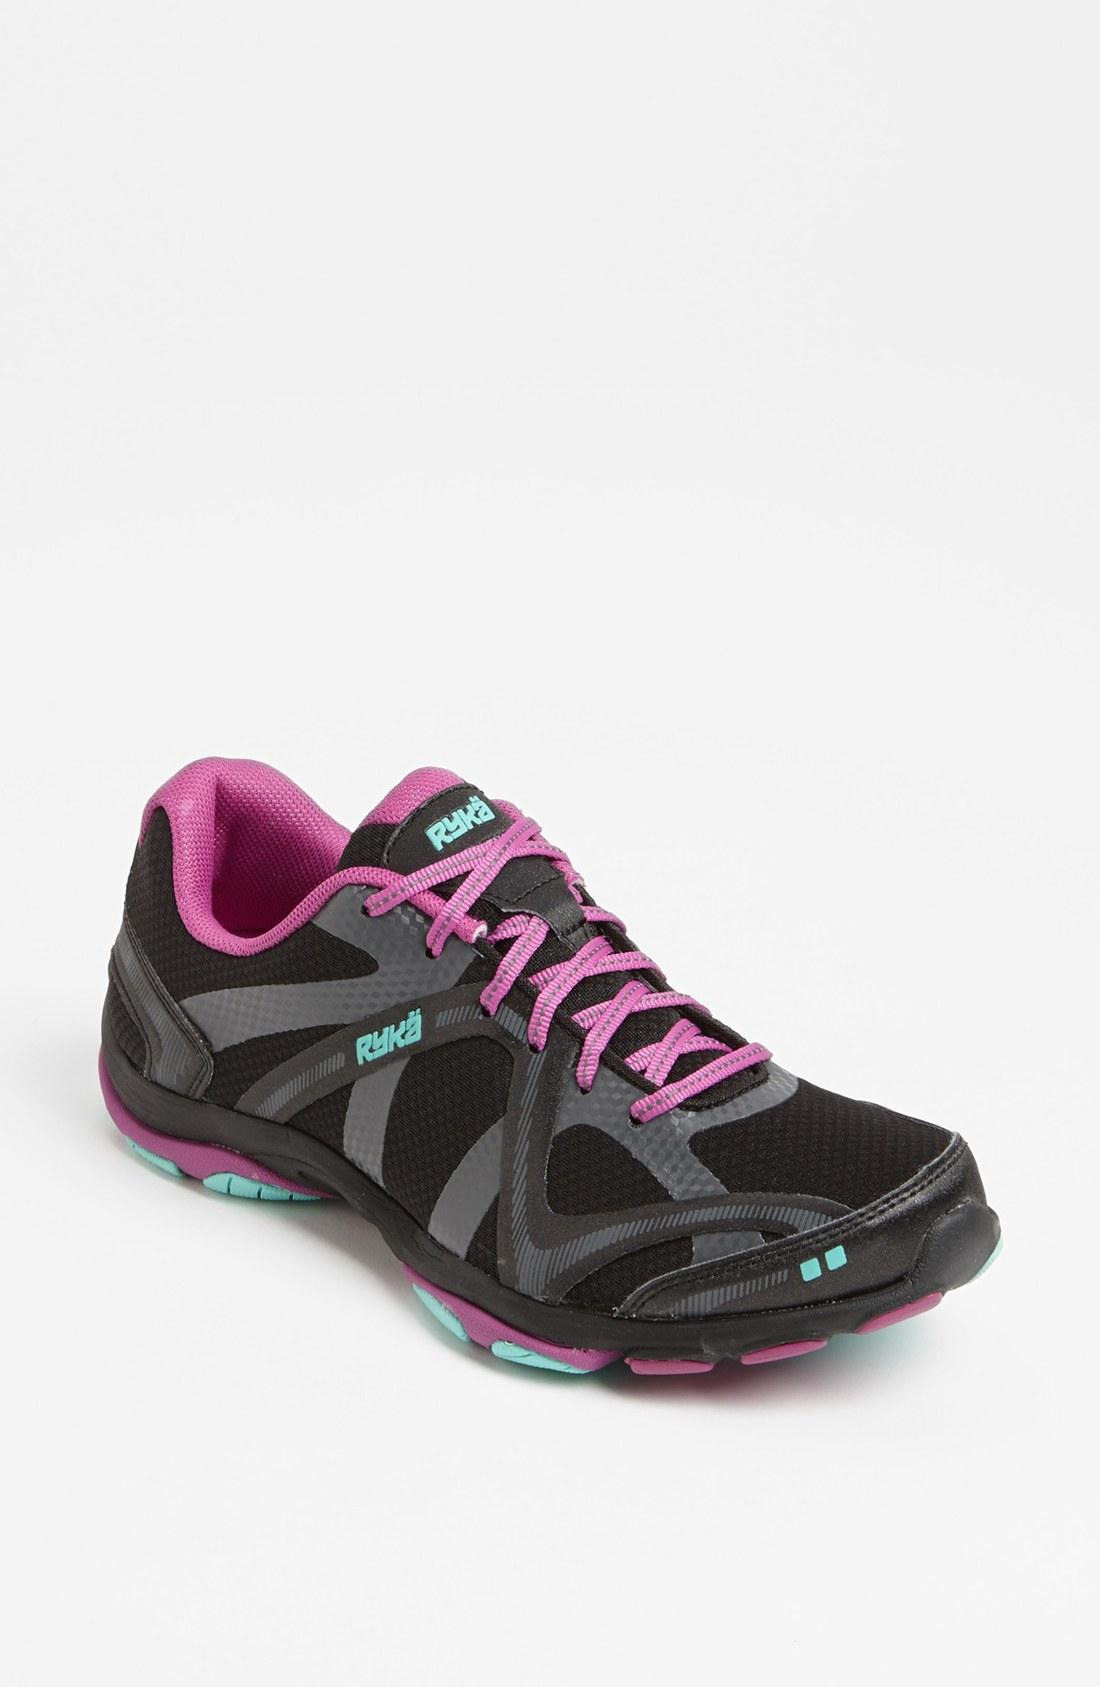 Ryka Dance Shoes Uk